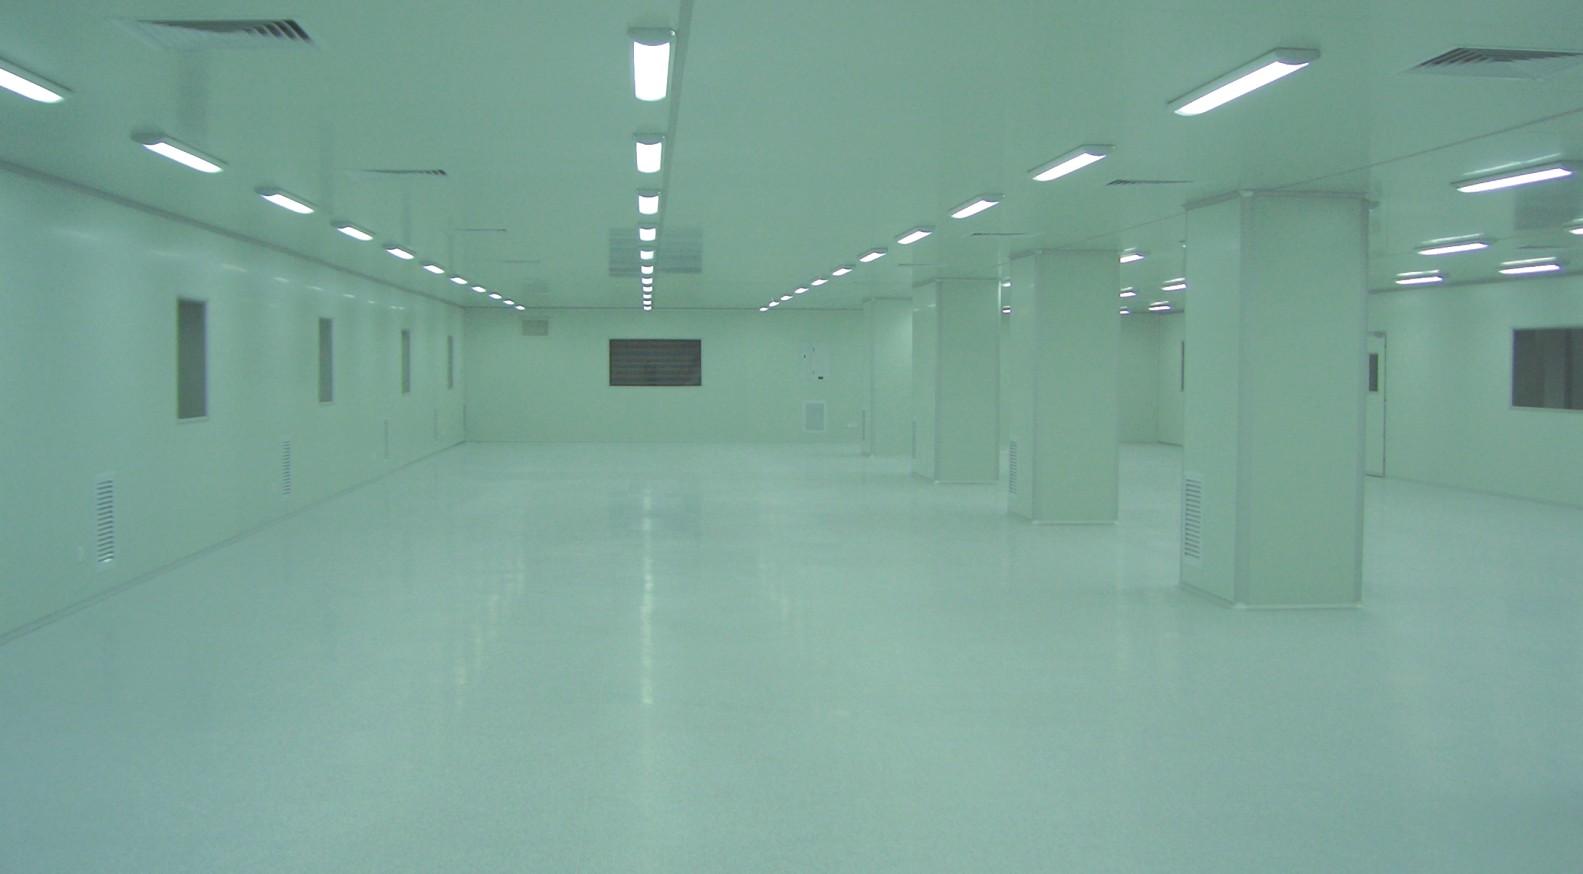 十万级洁净室